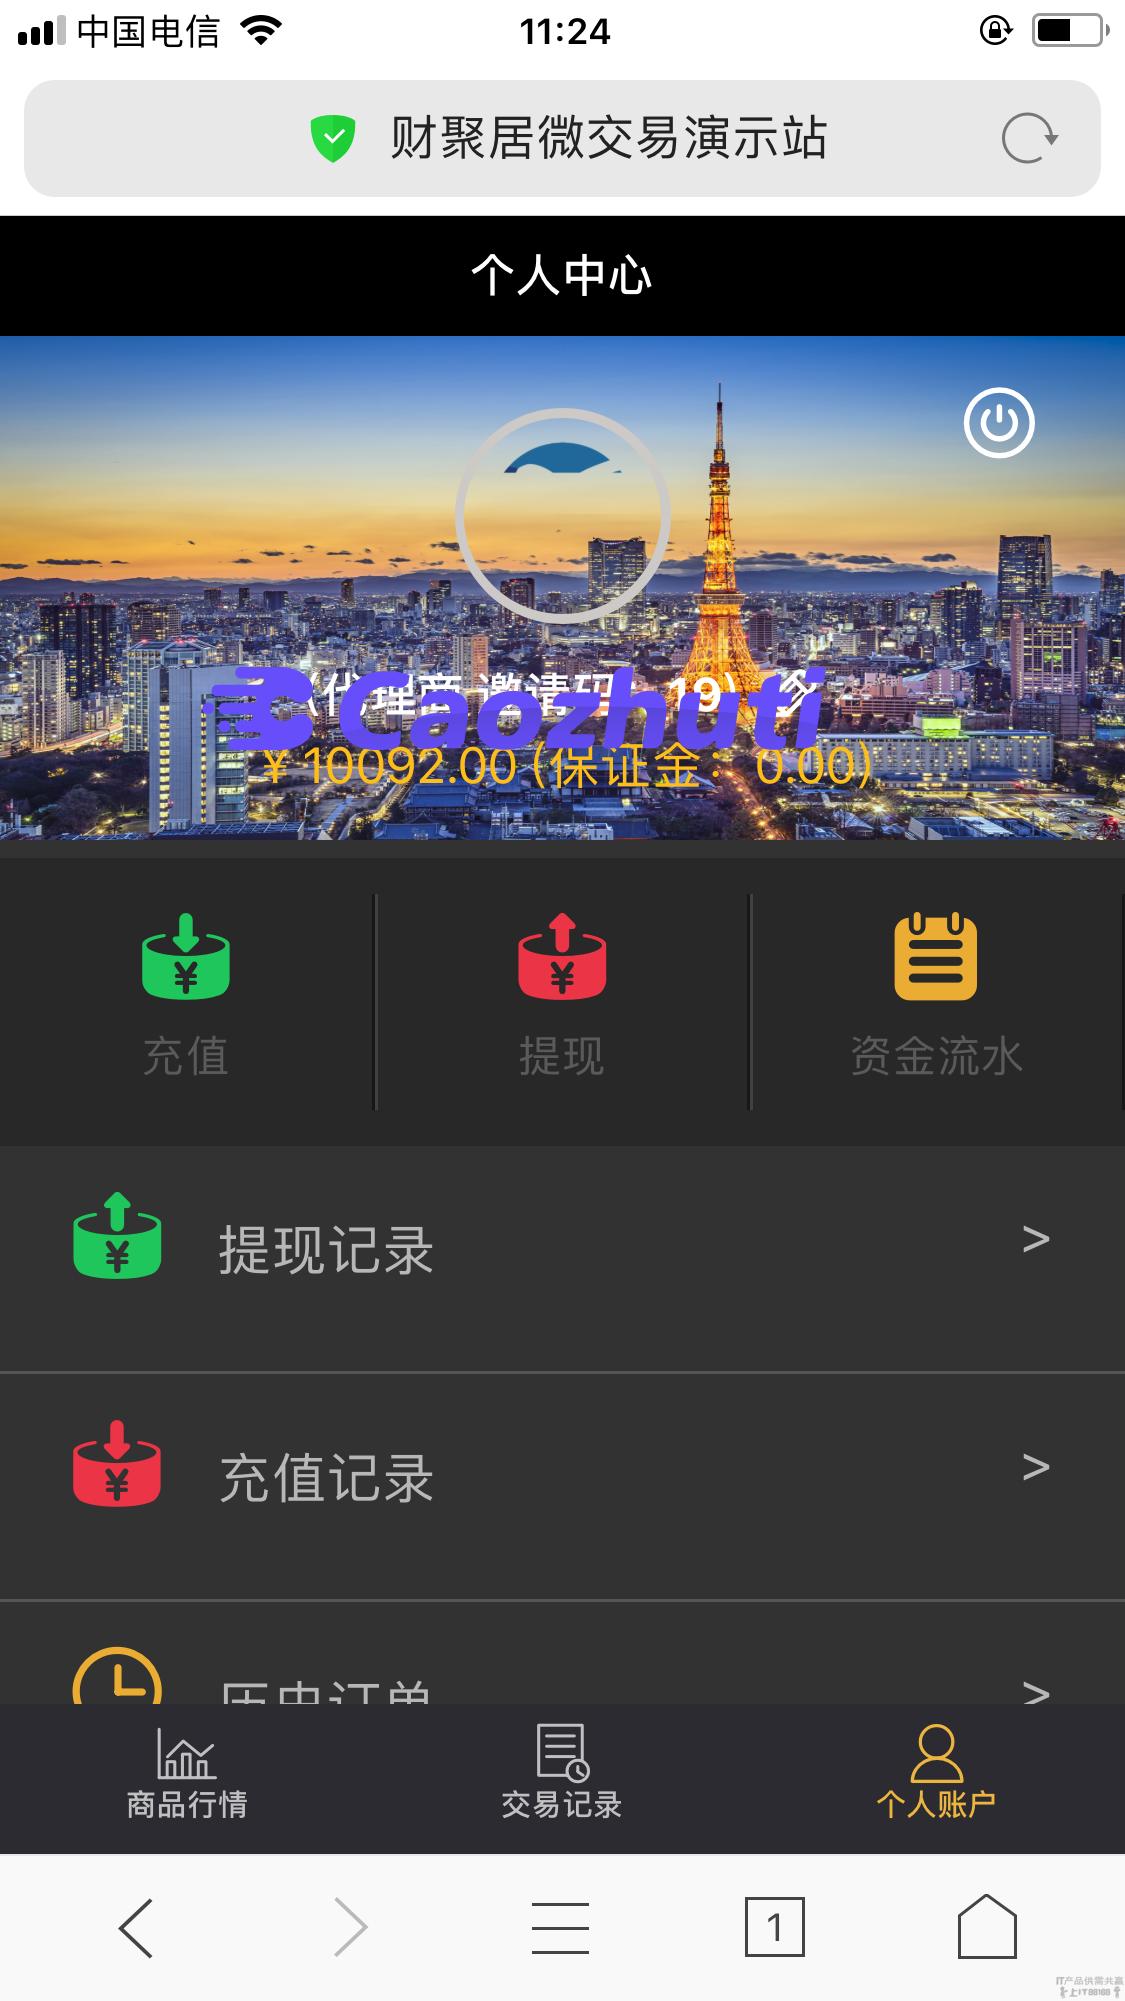 【微交易】微交易微盘小客户极简清爽版  ThinkPHP5 微交易 微盘小客户 第2张